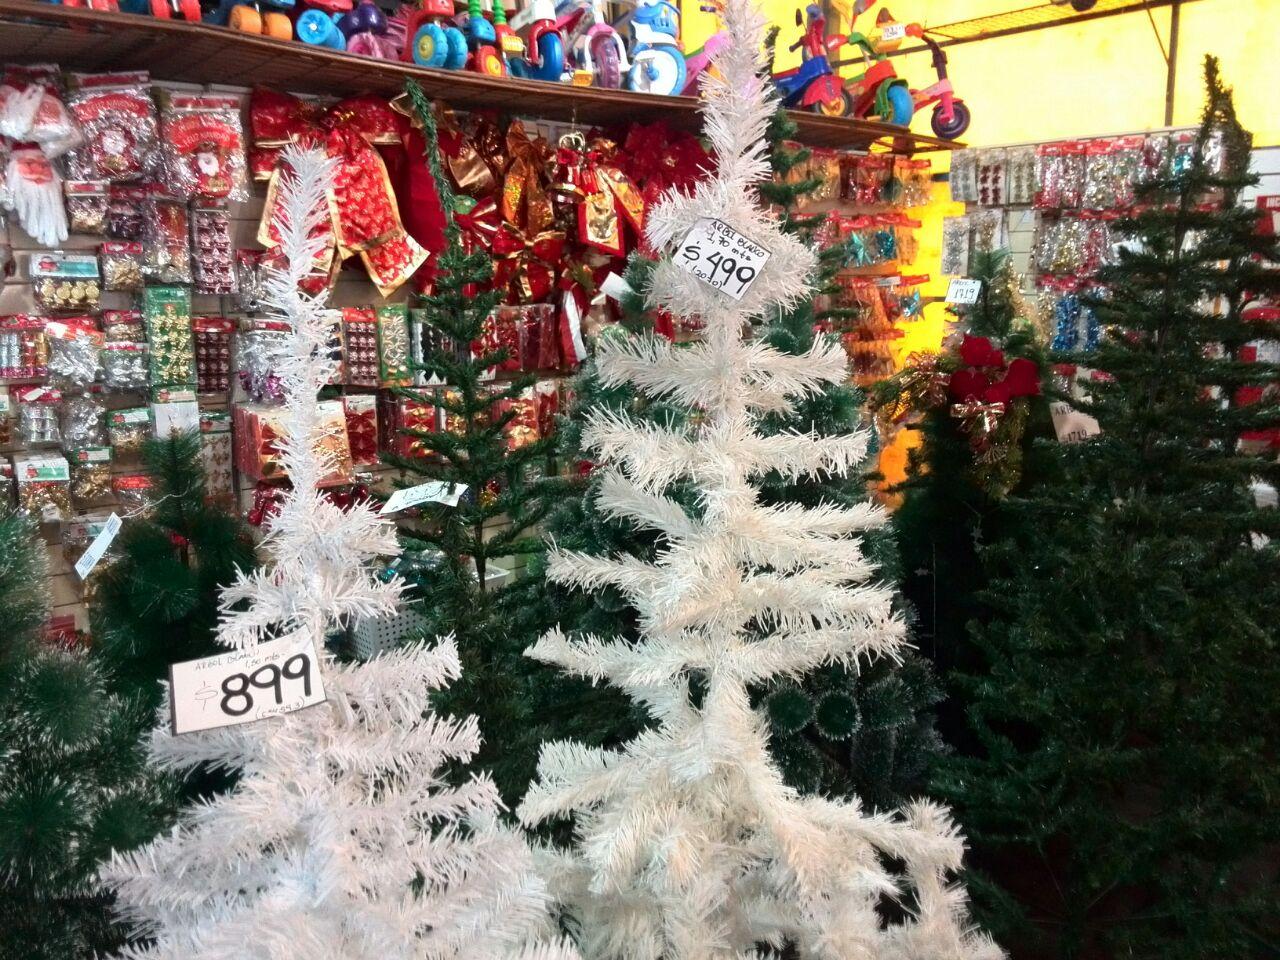 Cuánto cuesta un Árbol de Navidad nuevo en Posadas? - Misiones Cuatro